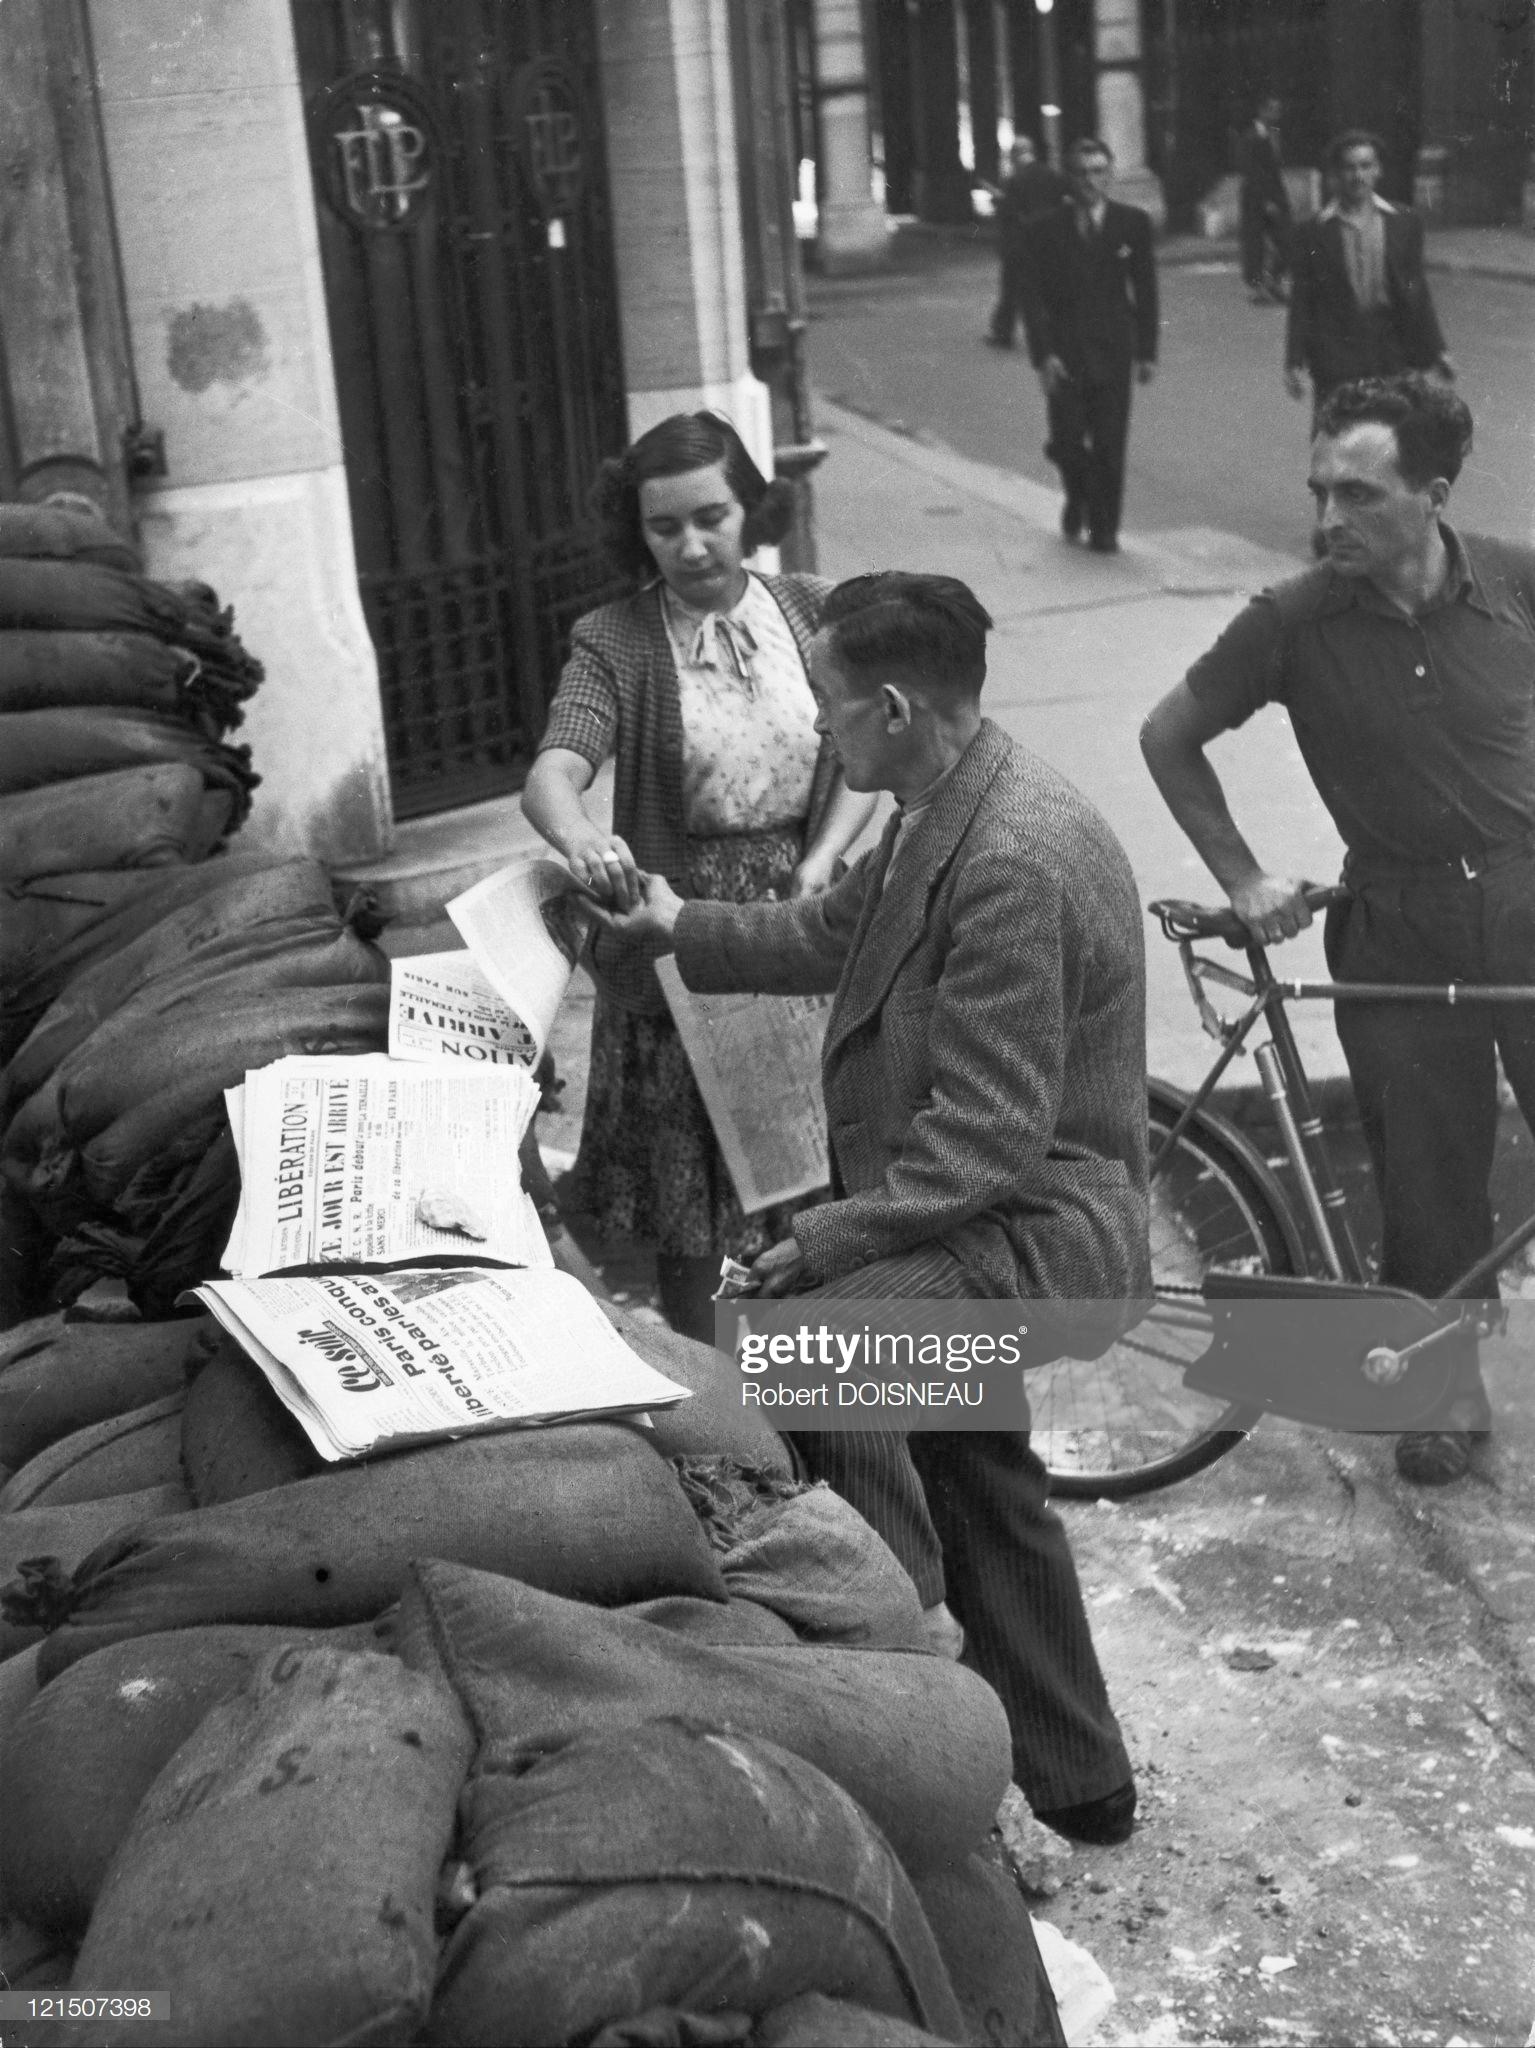 1944. Некоторым продавцам парижских газет больше не нужно прятаться от немцев и они выполняют свою работу на баррикадах